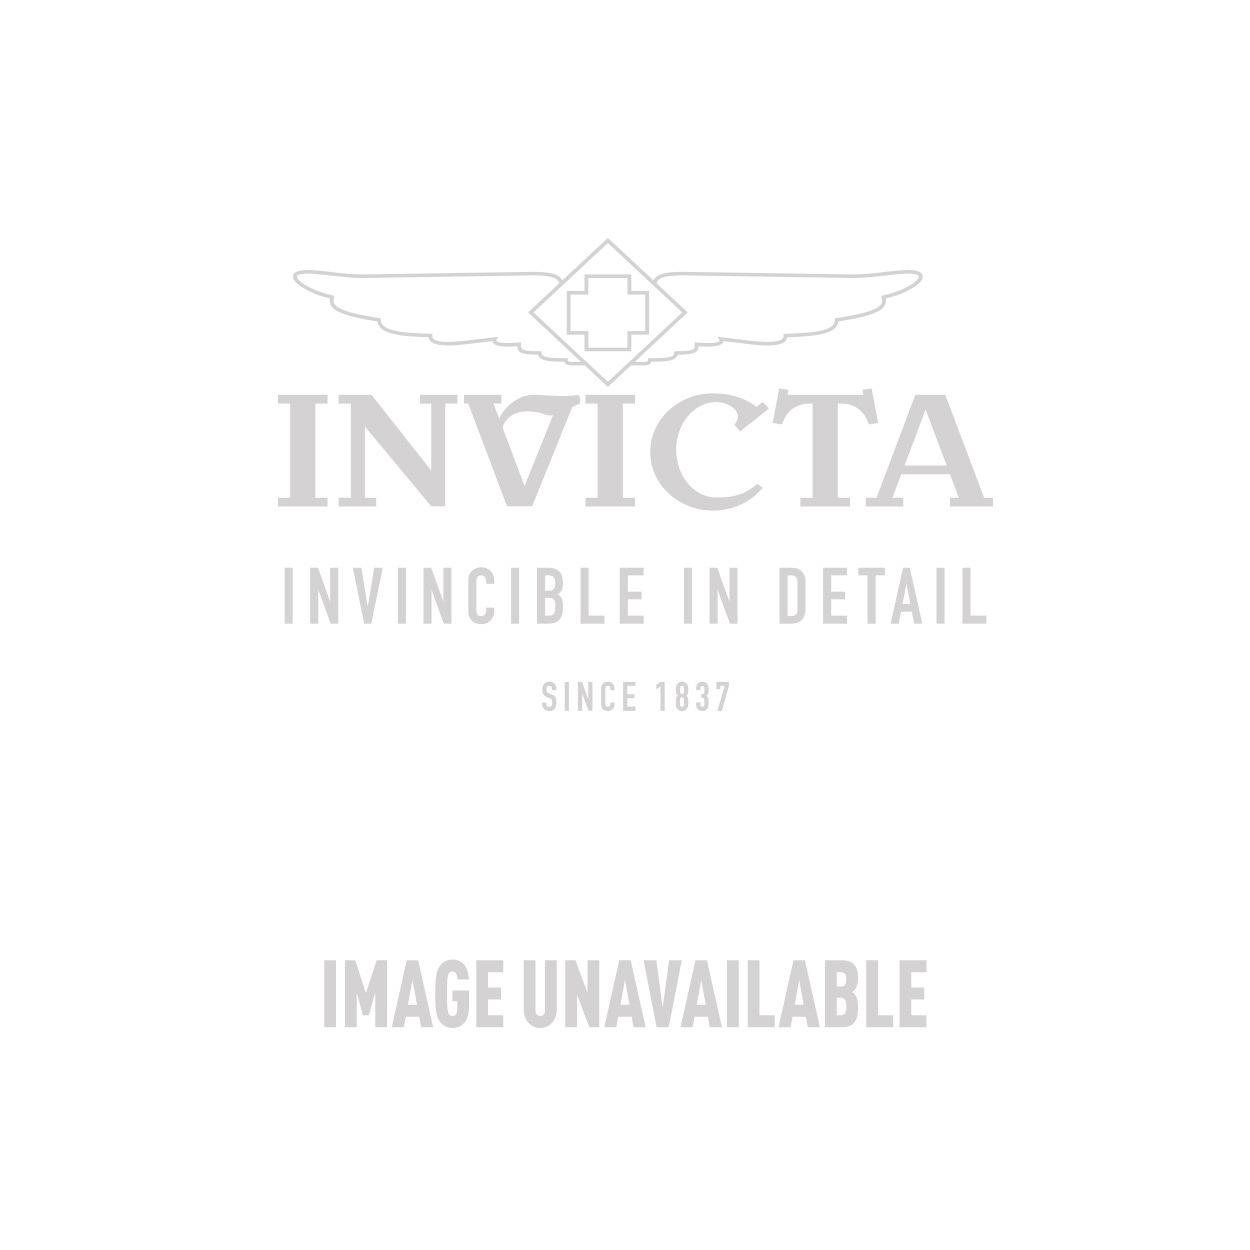 Invicta Model 27314